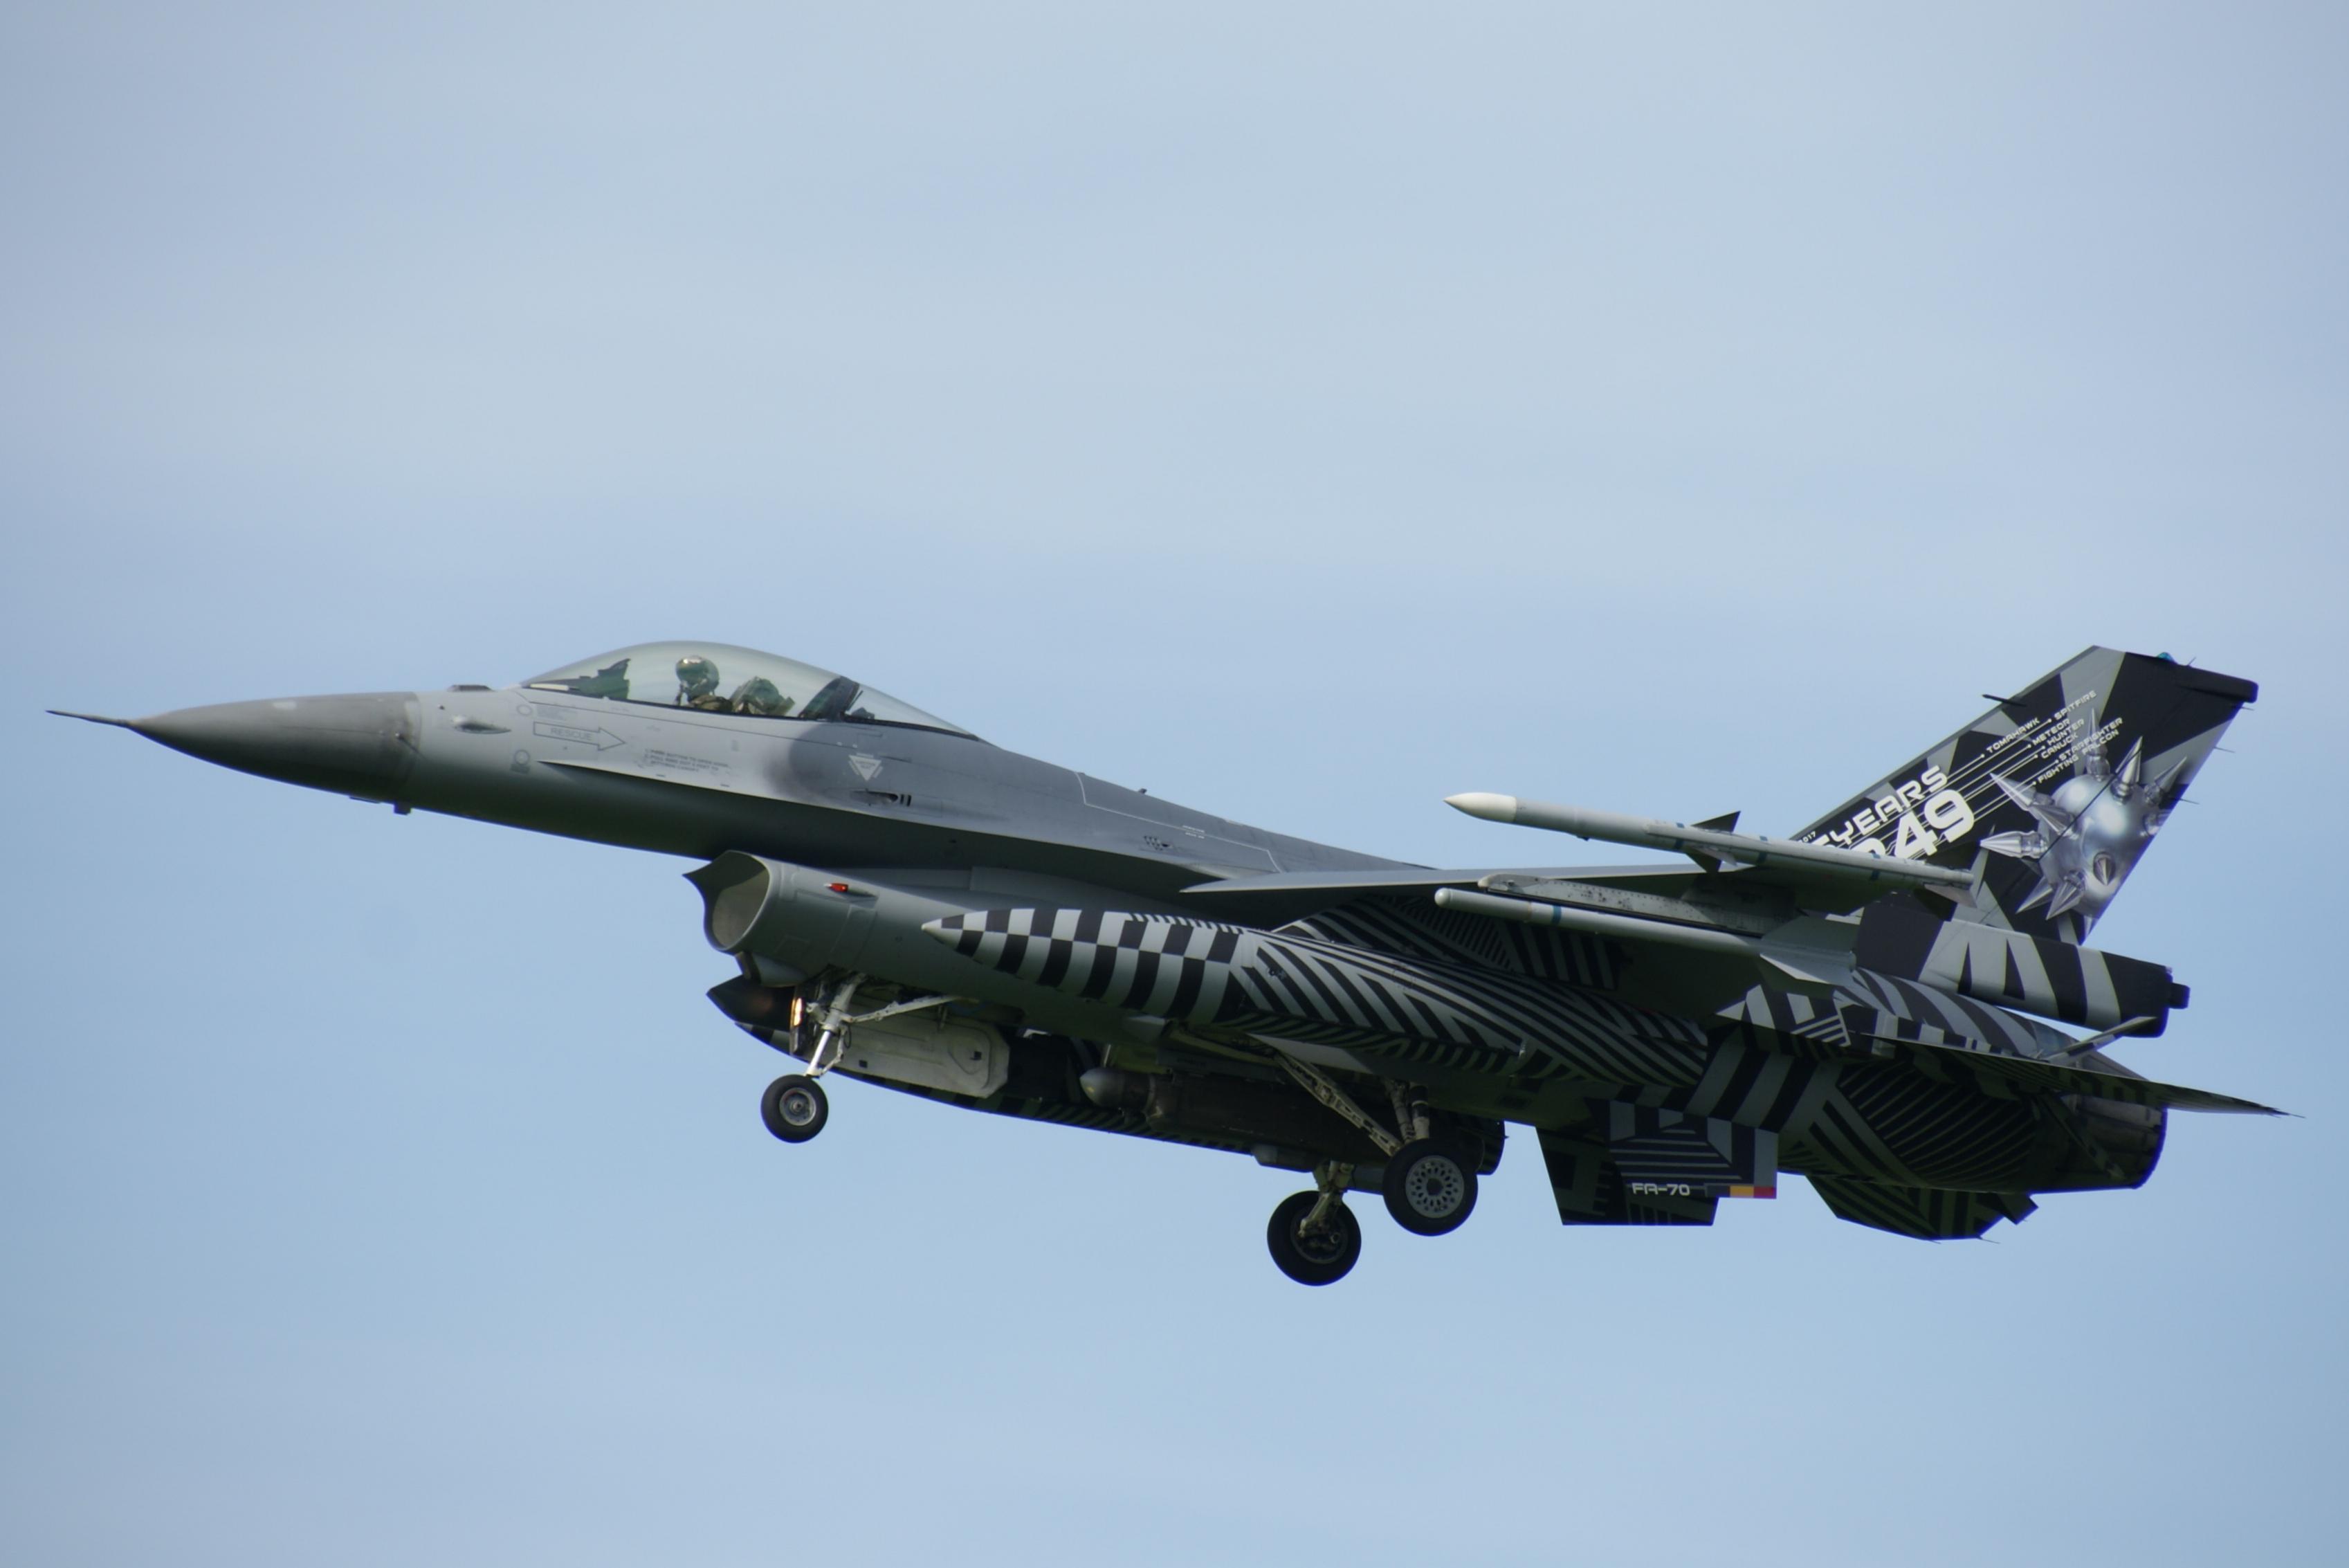 Naam: FA-70 SPECIAL (4).jpg Bekeken: 282 Grootte: 239,1 KB